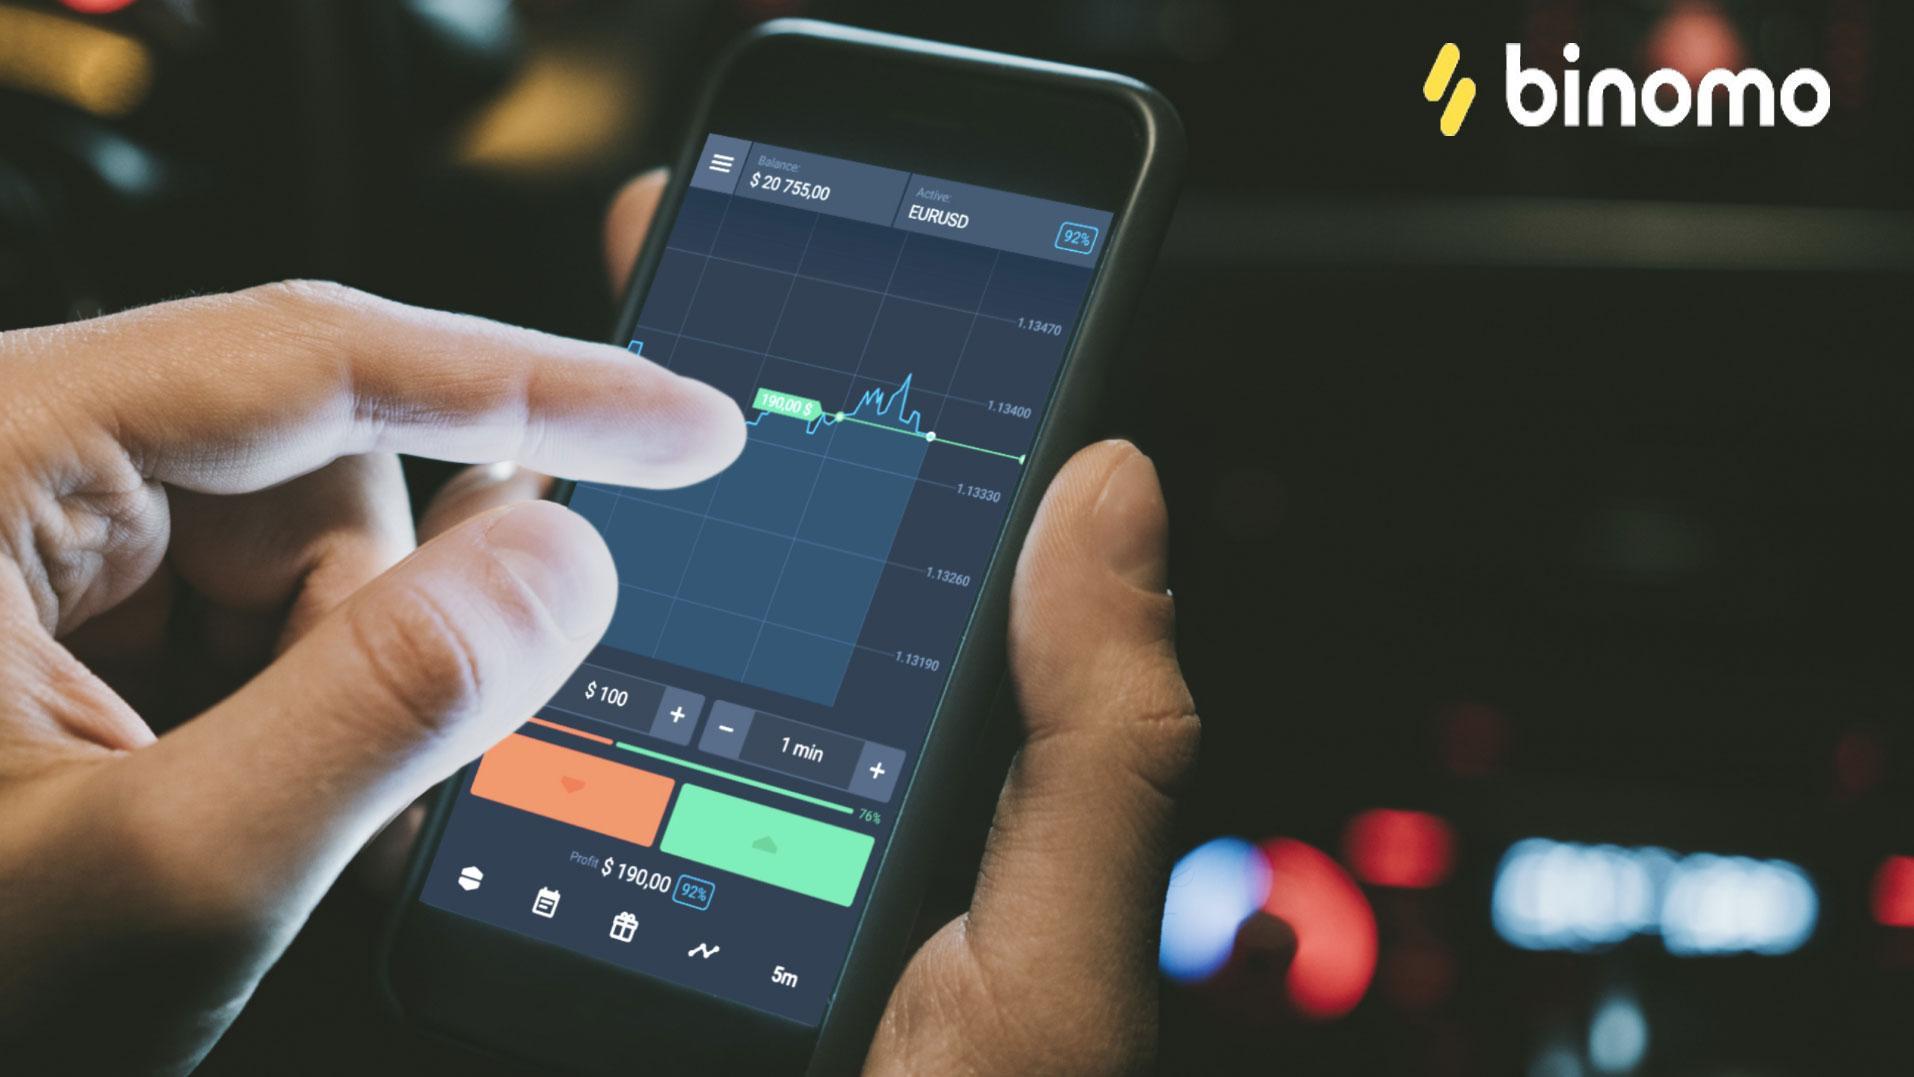 Binomo cho phép người dùng tham gia giao dịch trên cả máy tính và thiết bị di động